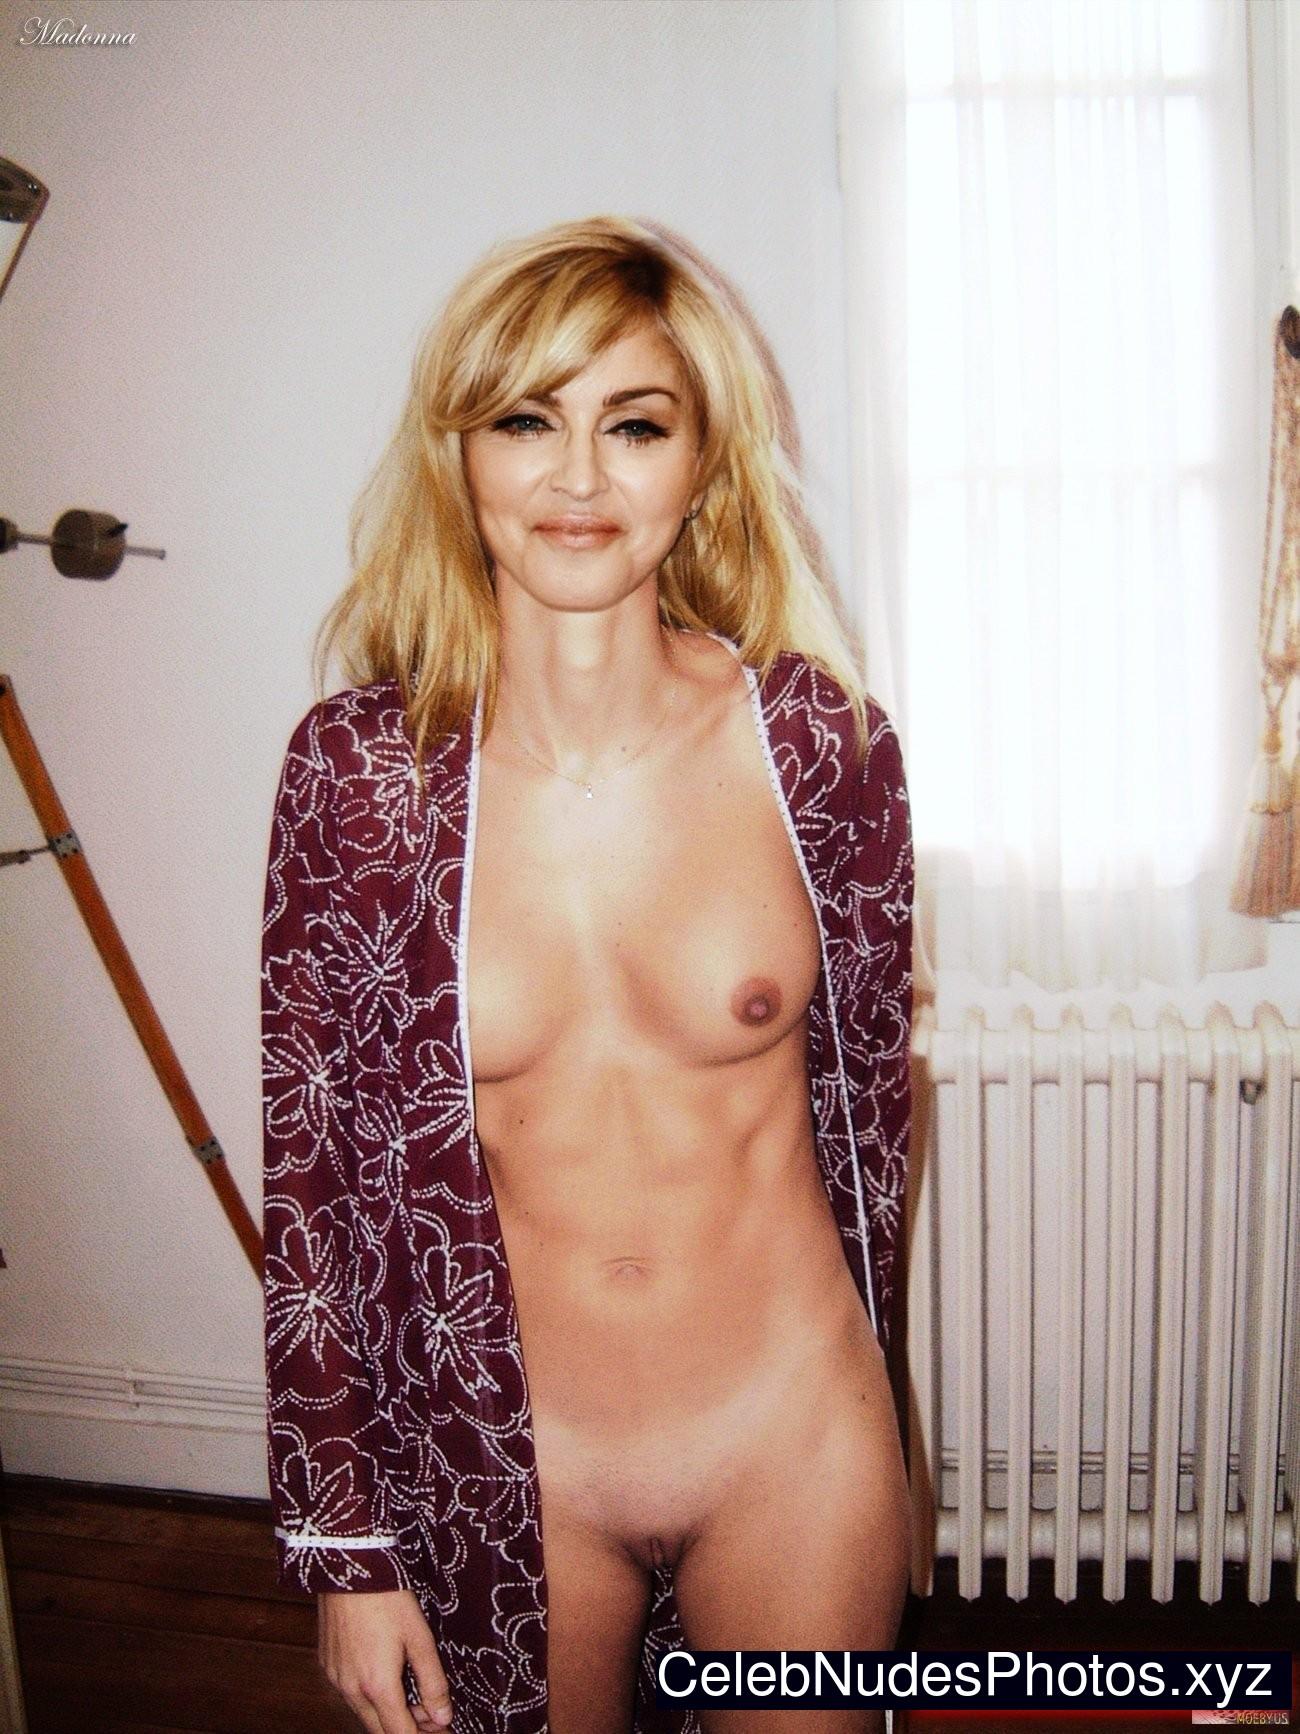 Hot babe galleries porn